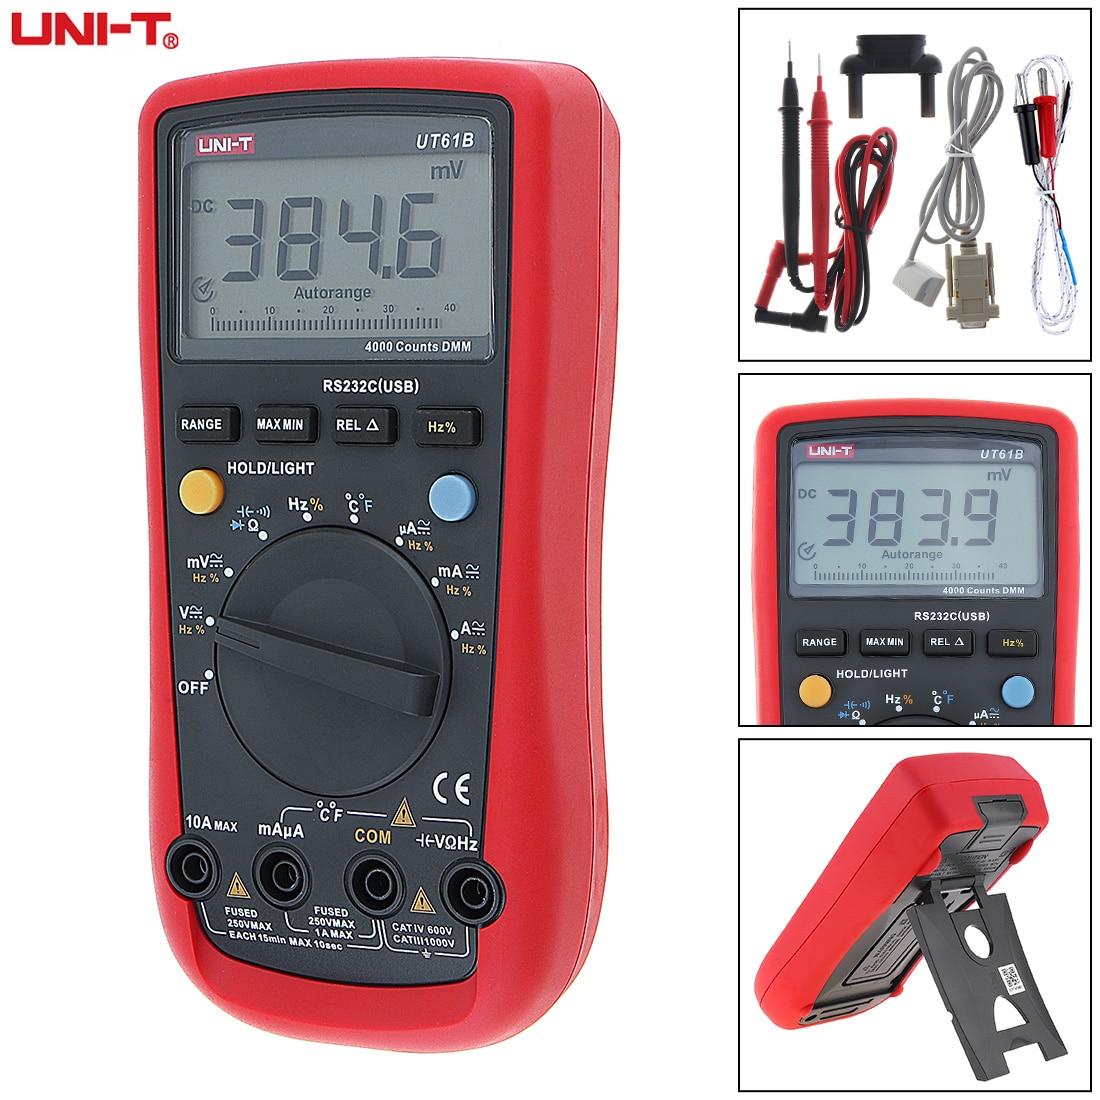 UNI-T Vente UT61B 3999 Chefs Écran lcd Précision Numérique Multimètre avec RS232C/USB Interface Standard Ligne et Rétro-Éclairage